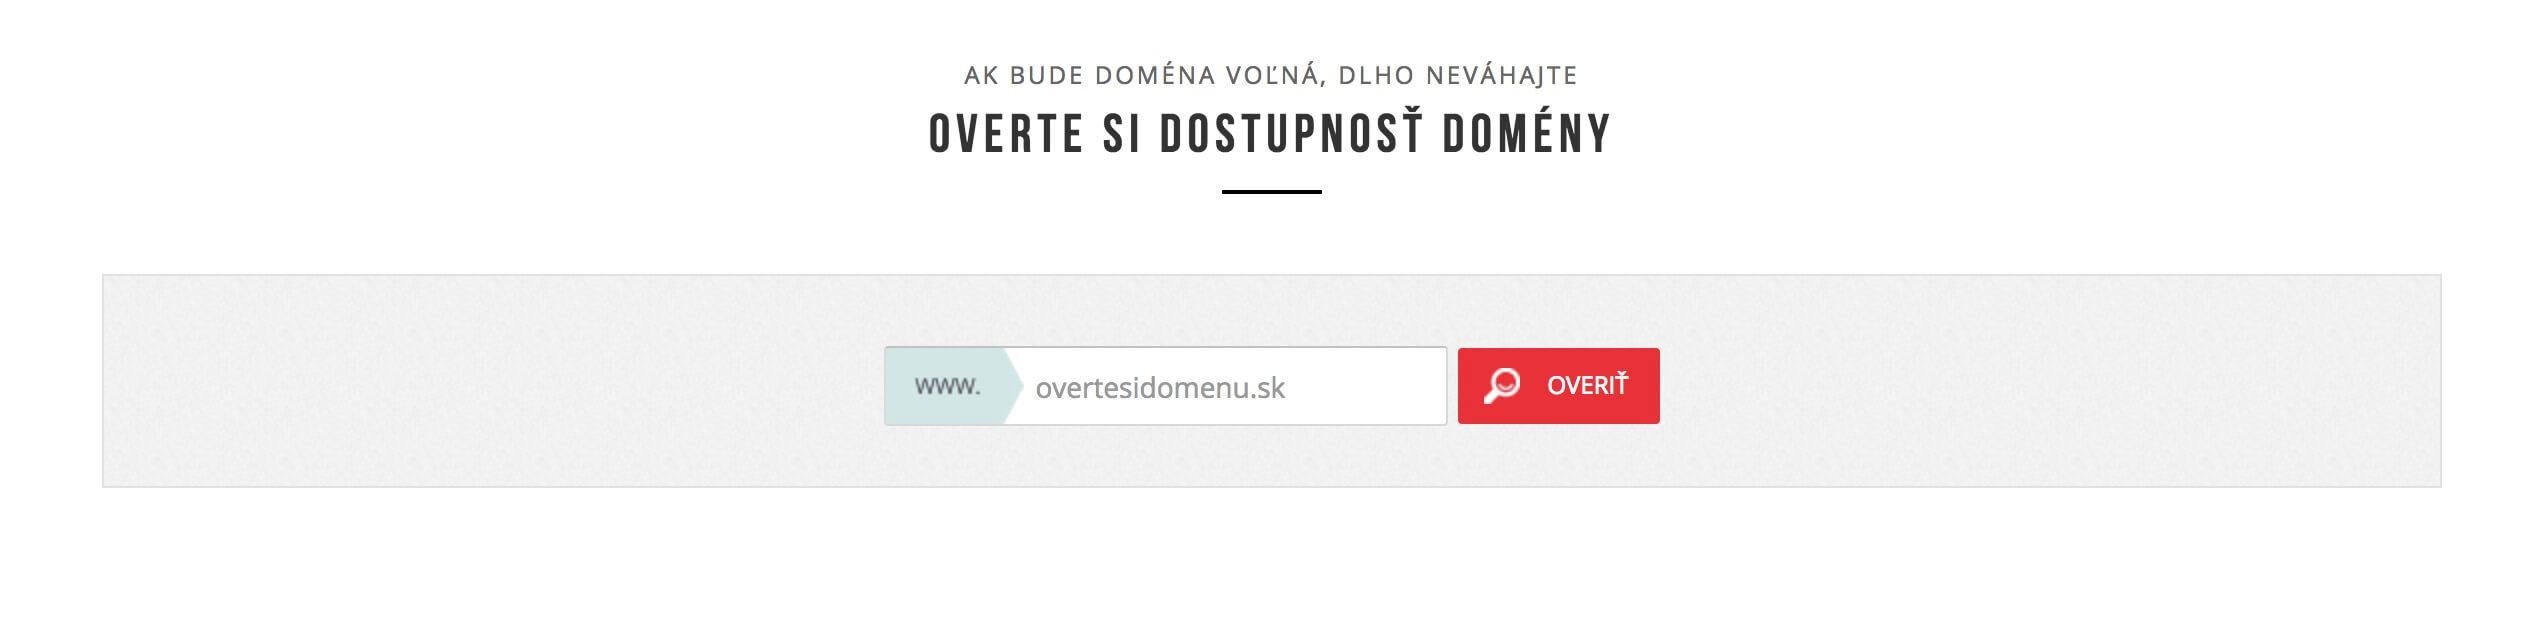 overenie dostupnosti domeny